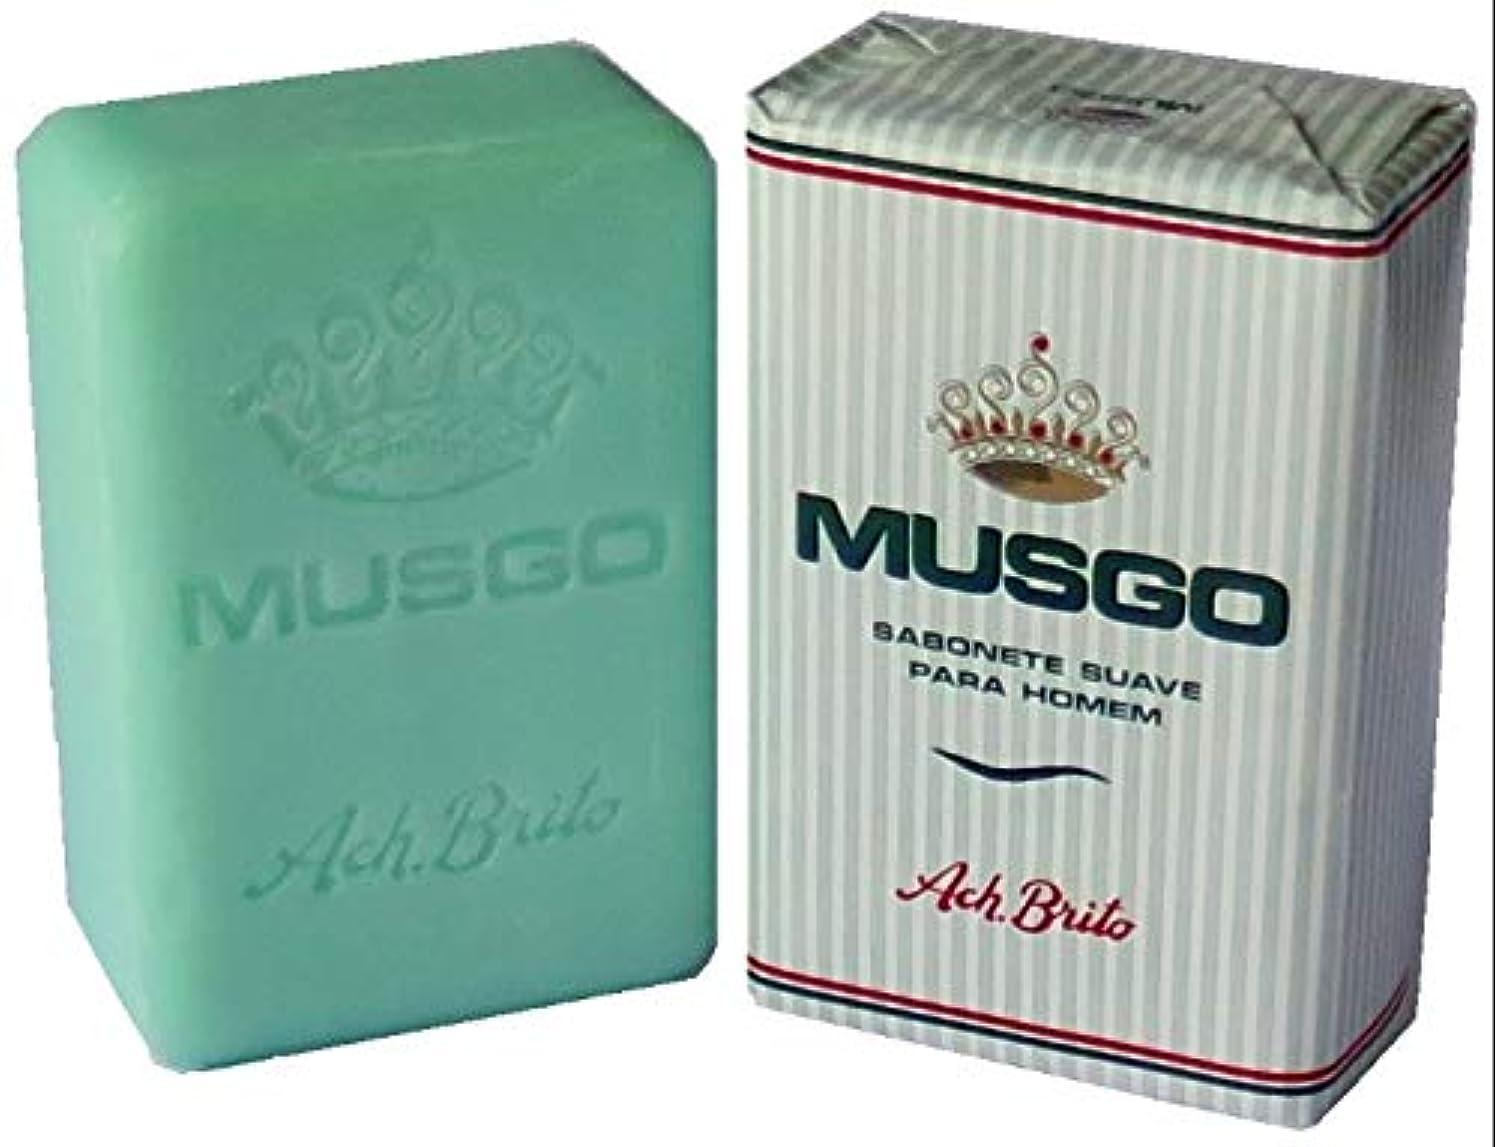 シェーバー上級位置づけるMusgo Real Body Soap 「ロイヤルモス」 ボディソープバー 160g [並行輸入品]